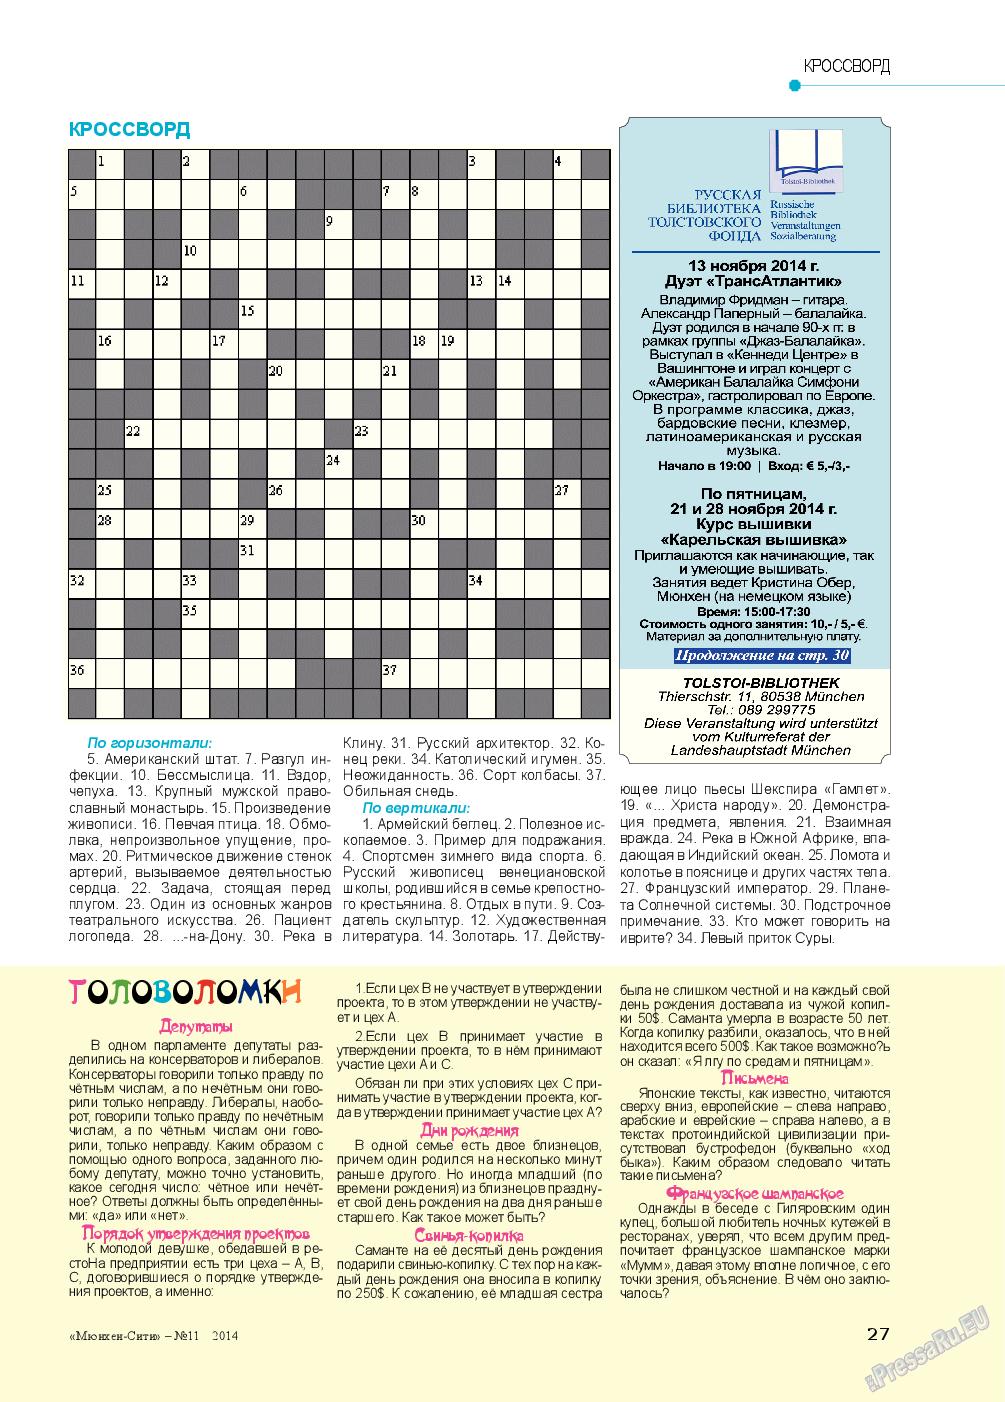 Мюнхен-сити (журнал). 2014 год, номер 11, стр. 27